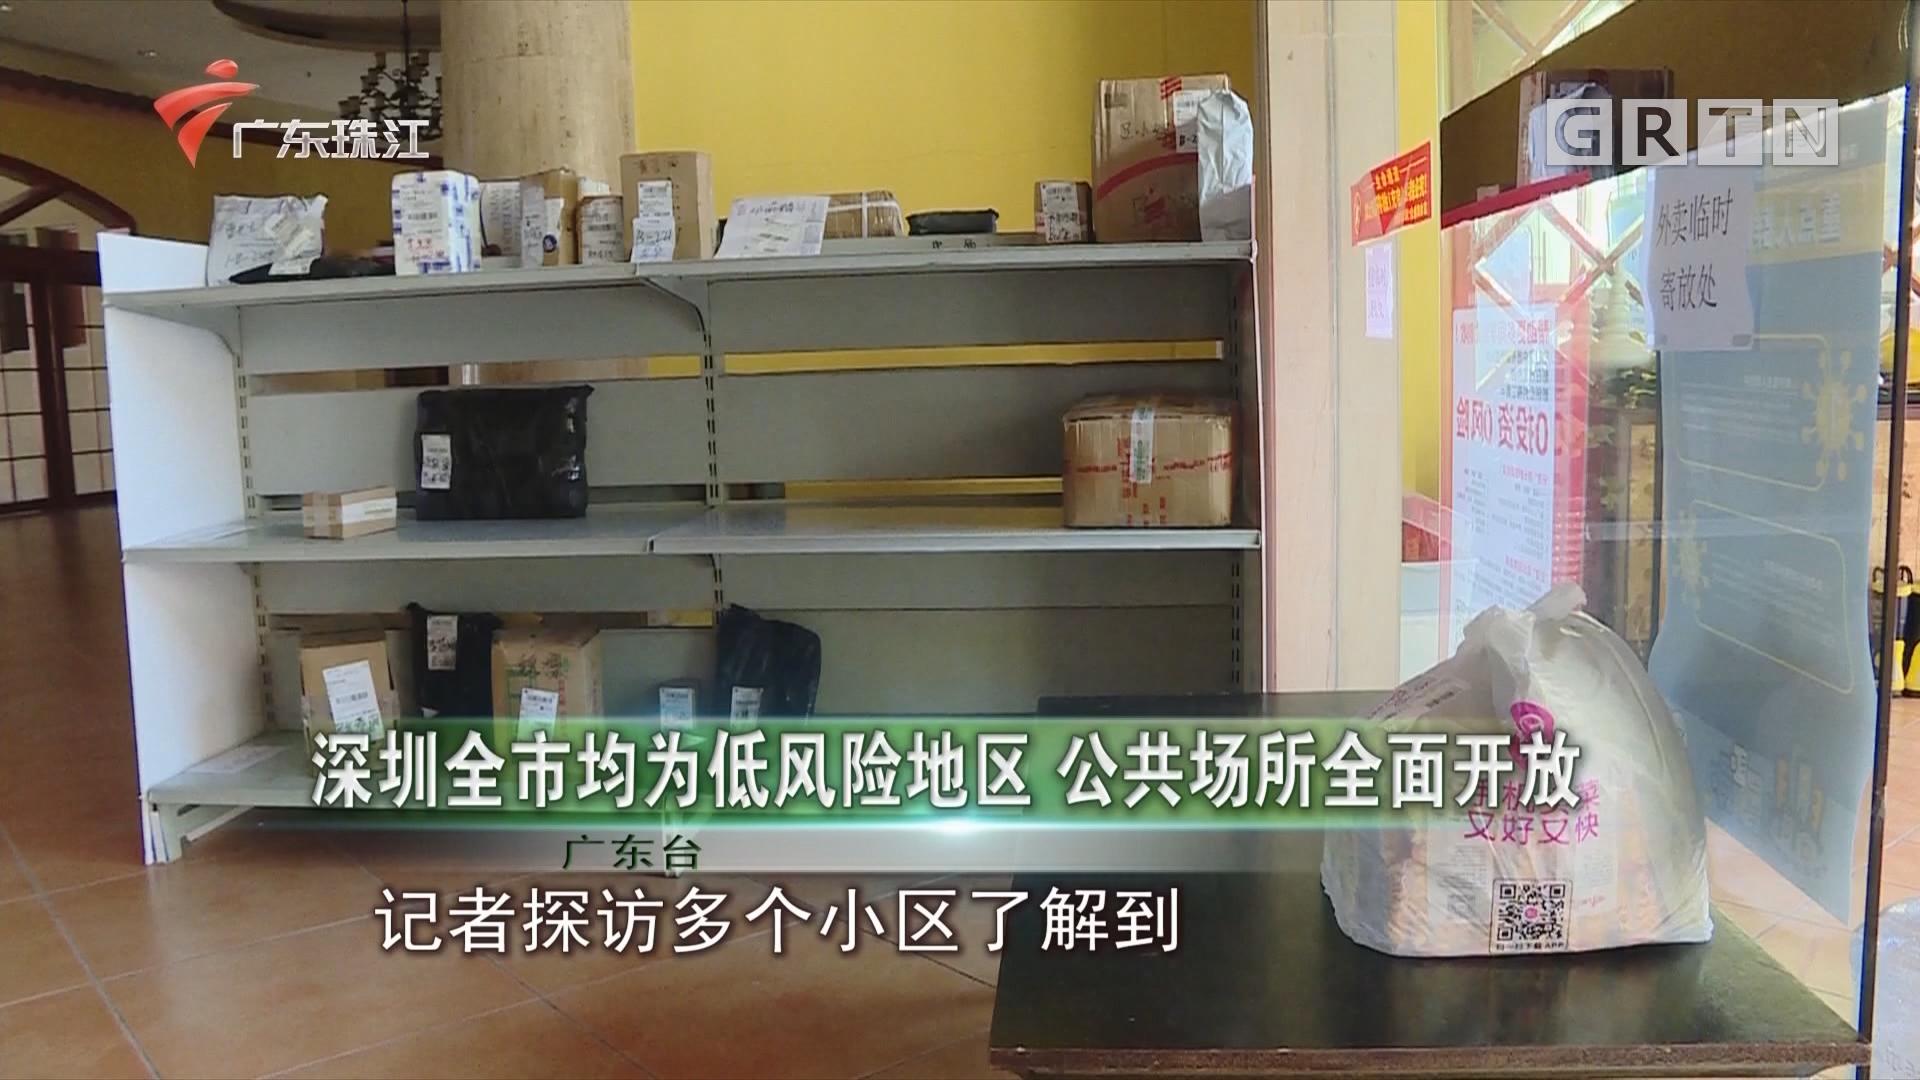 深圳全市均为低风险地区 公共场所全面开放